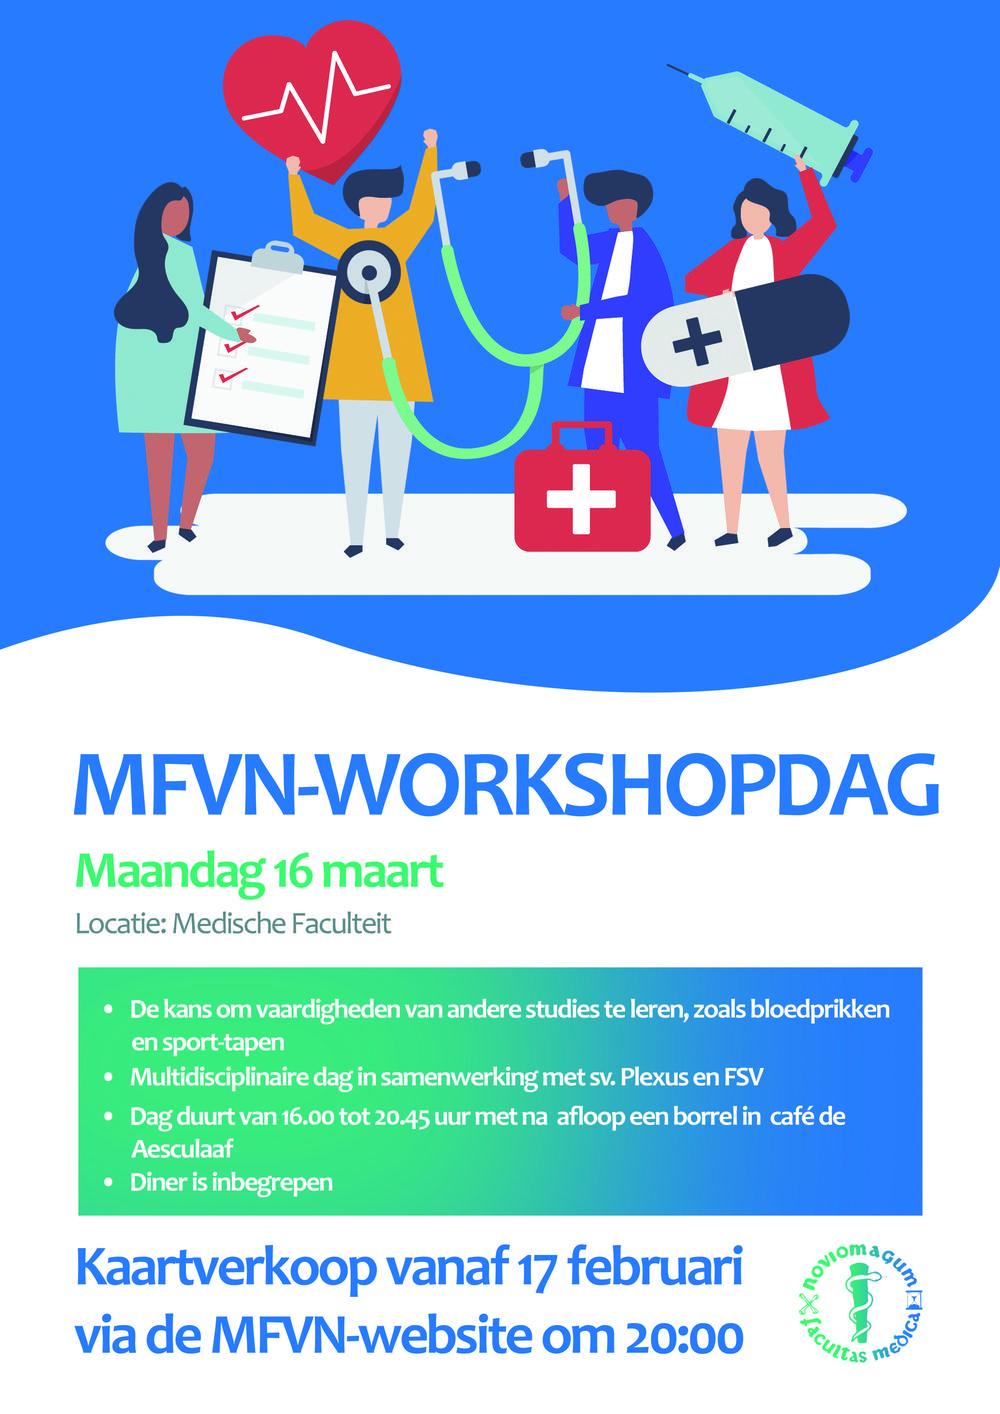 MFVN-Workshopdag.jpg